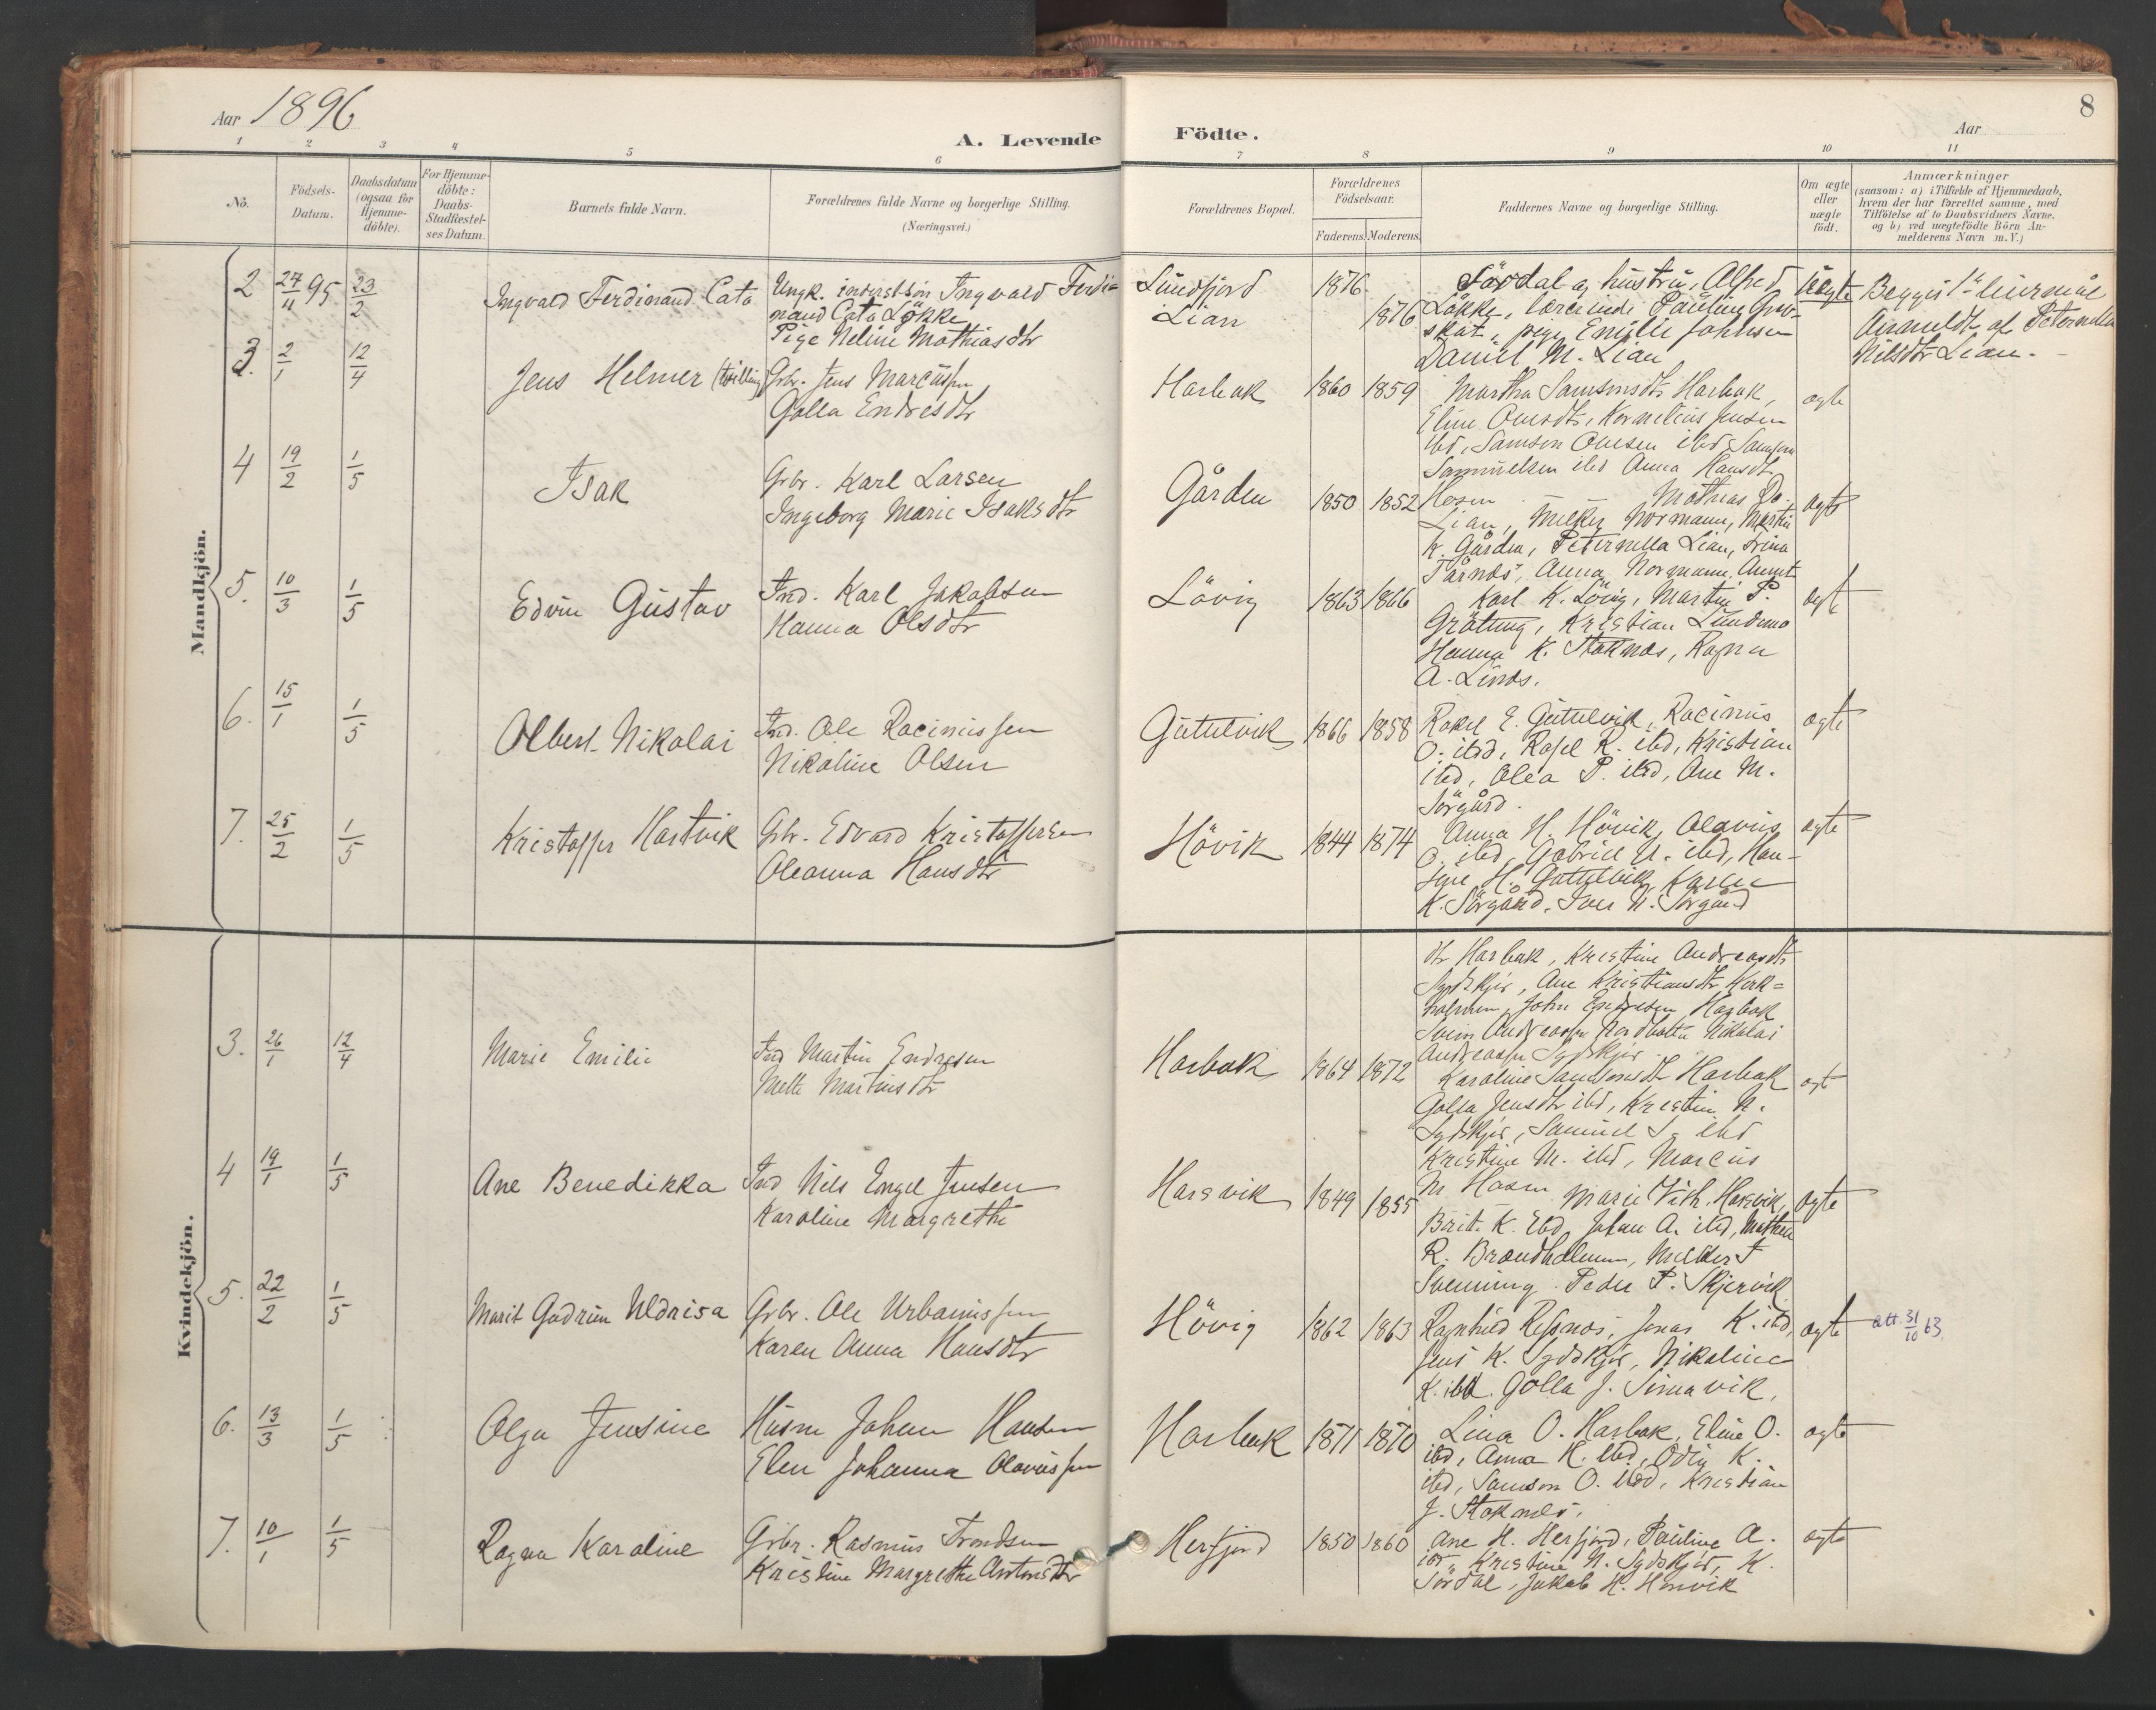 SAT, Ministerialprotokoller, klokkerbøker og fødselsregistre - Sør-Trøndelag, 656/L0693: Ministerialbok nr. 656A02, 1894-1913, s. 8